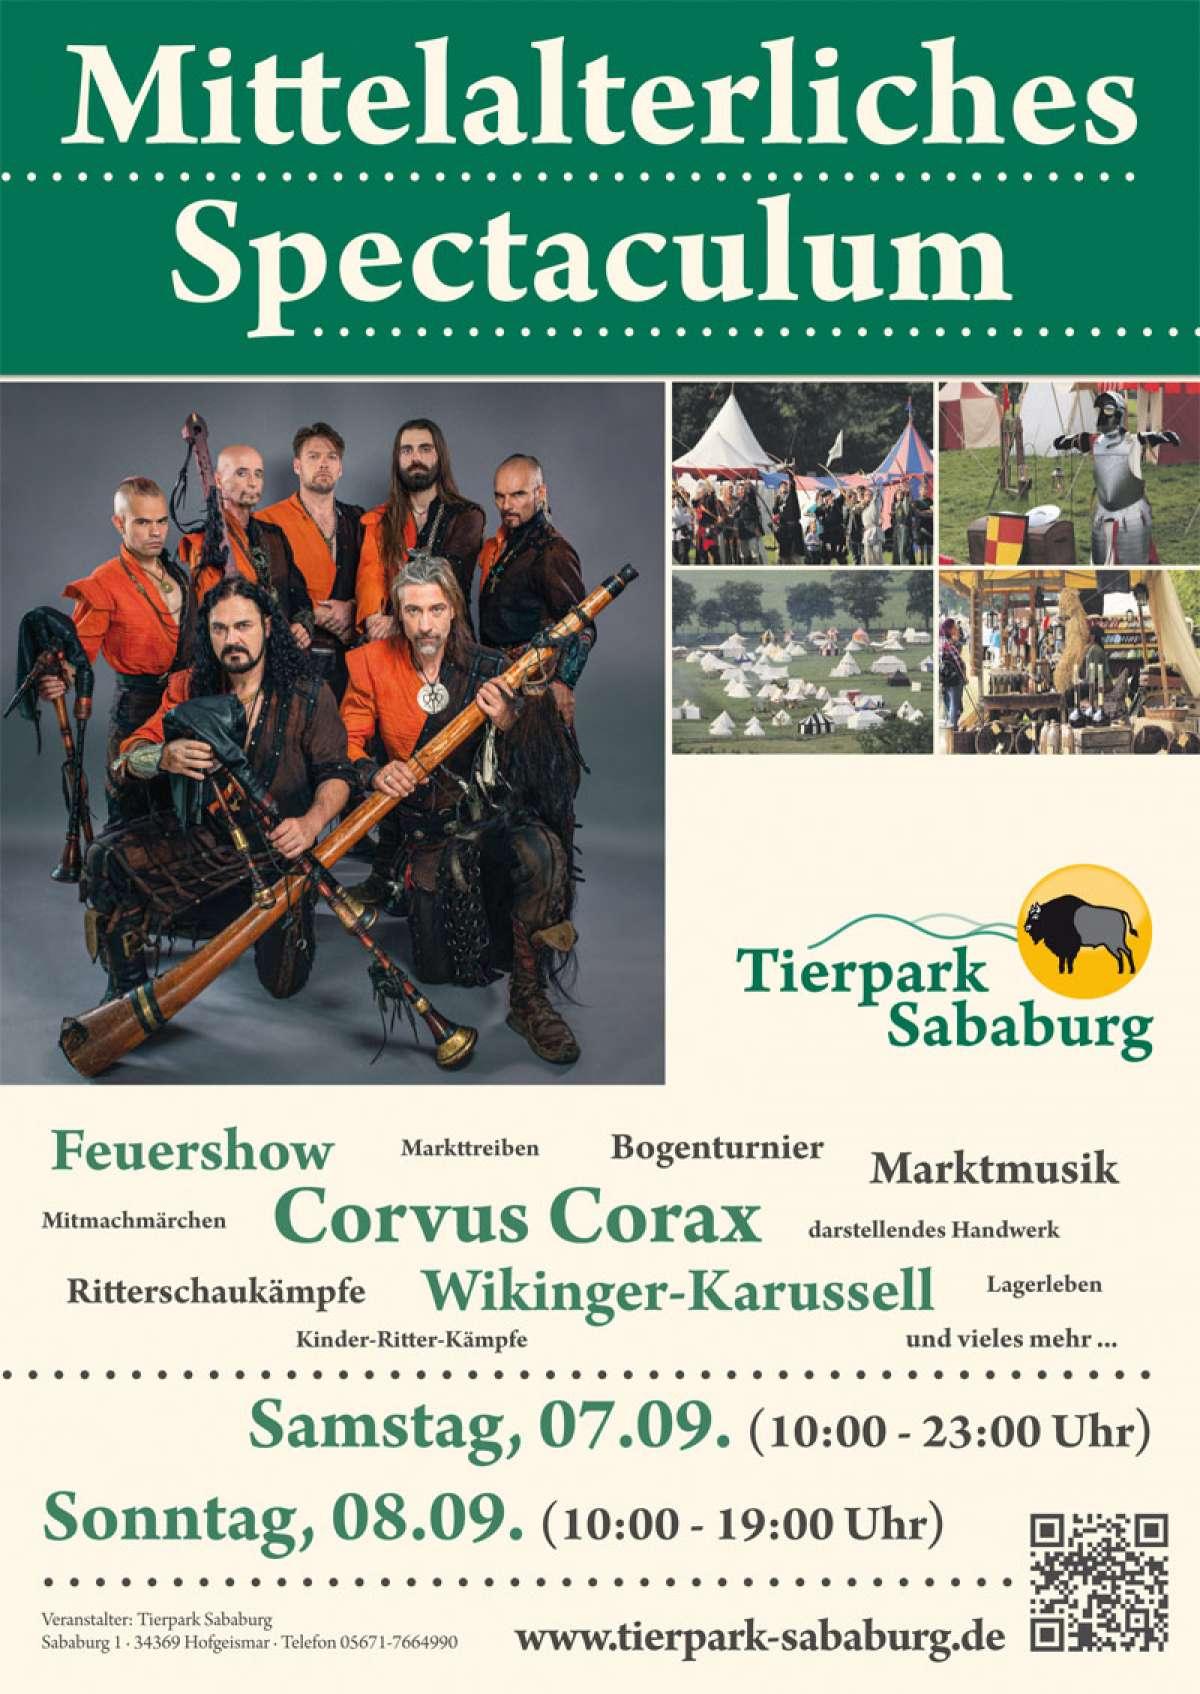 Mittelalterliches Spectaculum - Tierpark Sababurg - Hofgeismar